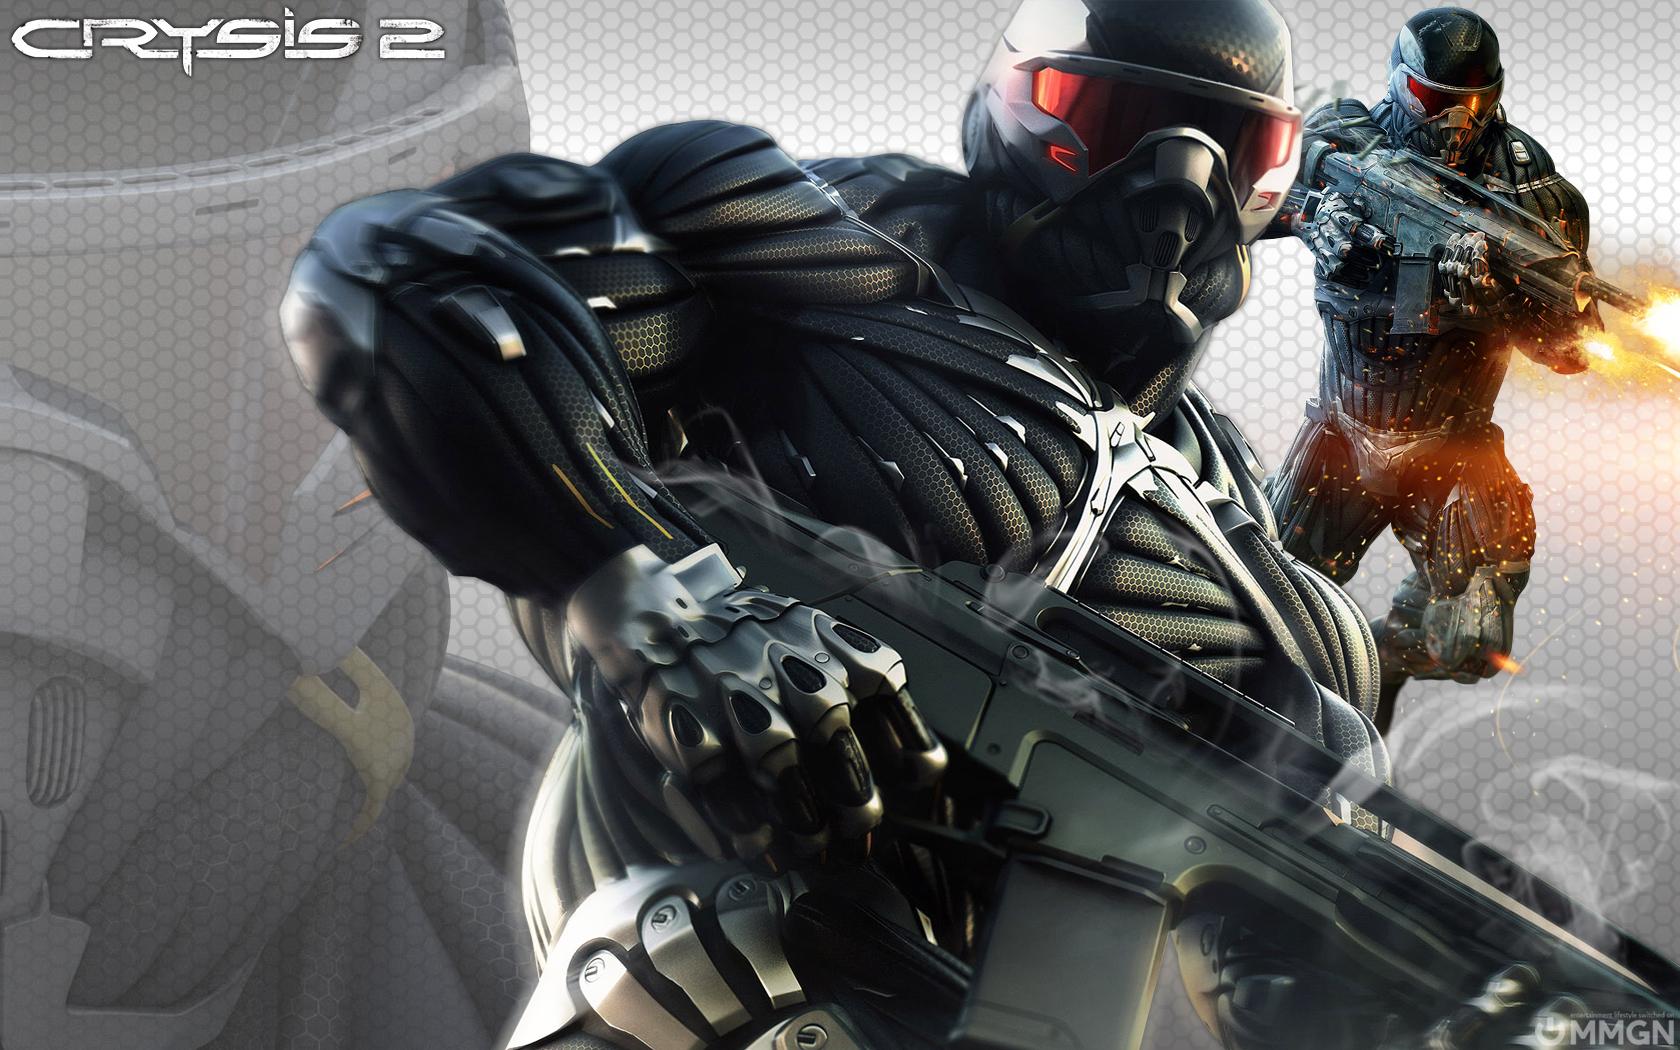 Crysis 2 Wallpapers   PS3 News MMGN Australia 1680x1050